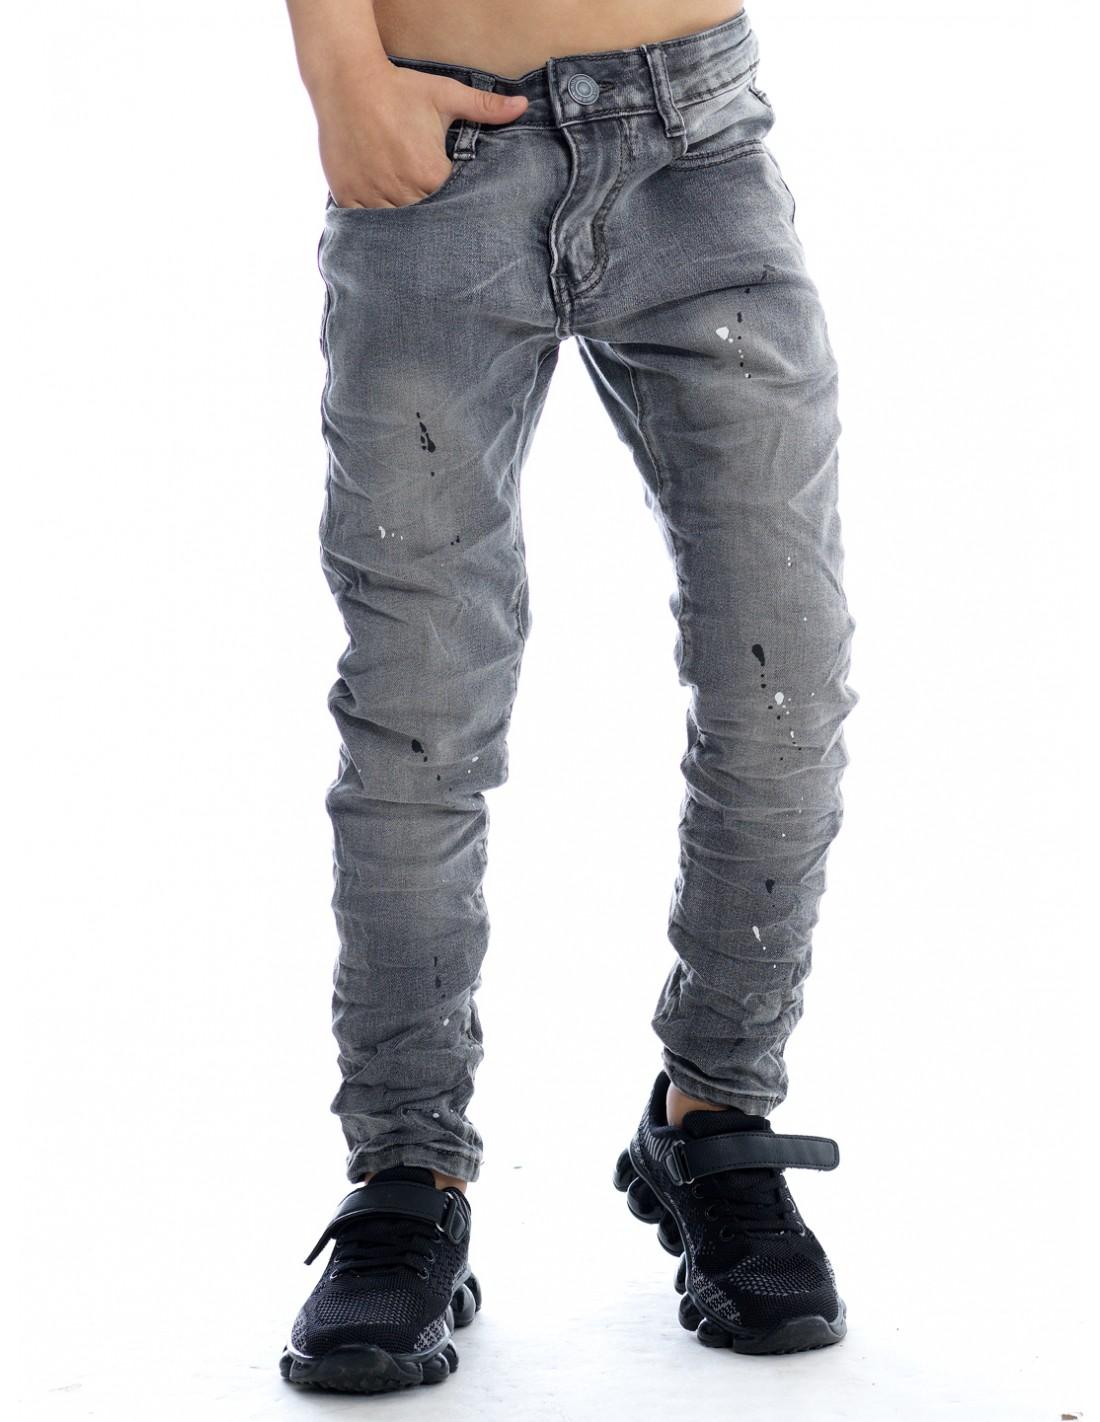 Jean Peinture Slim Et Skinny Garcon Du 2 Au 14 Ans Zerda Boutique 34500 Beziers Mode Pas Cher Fashion